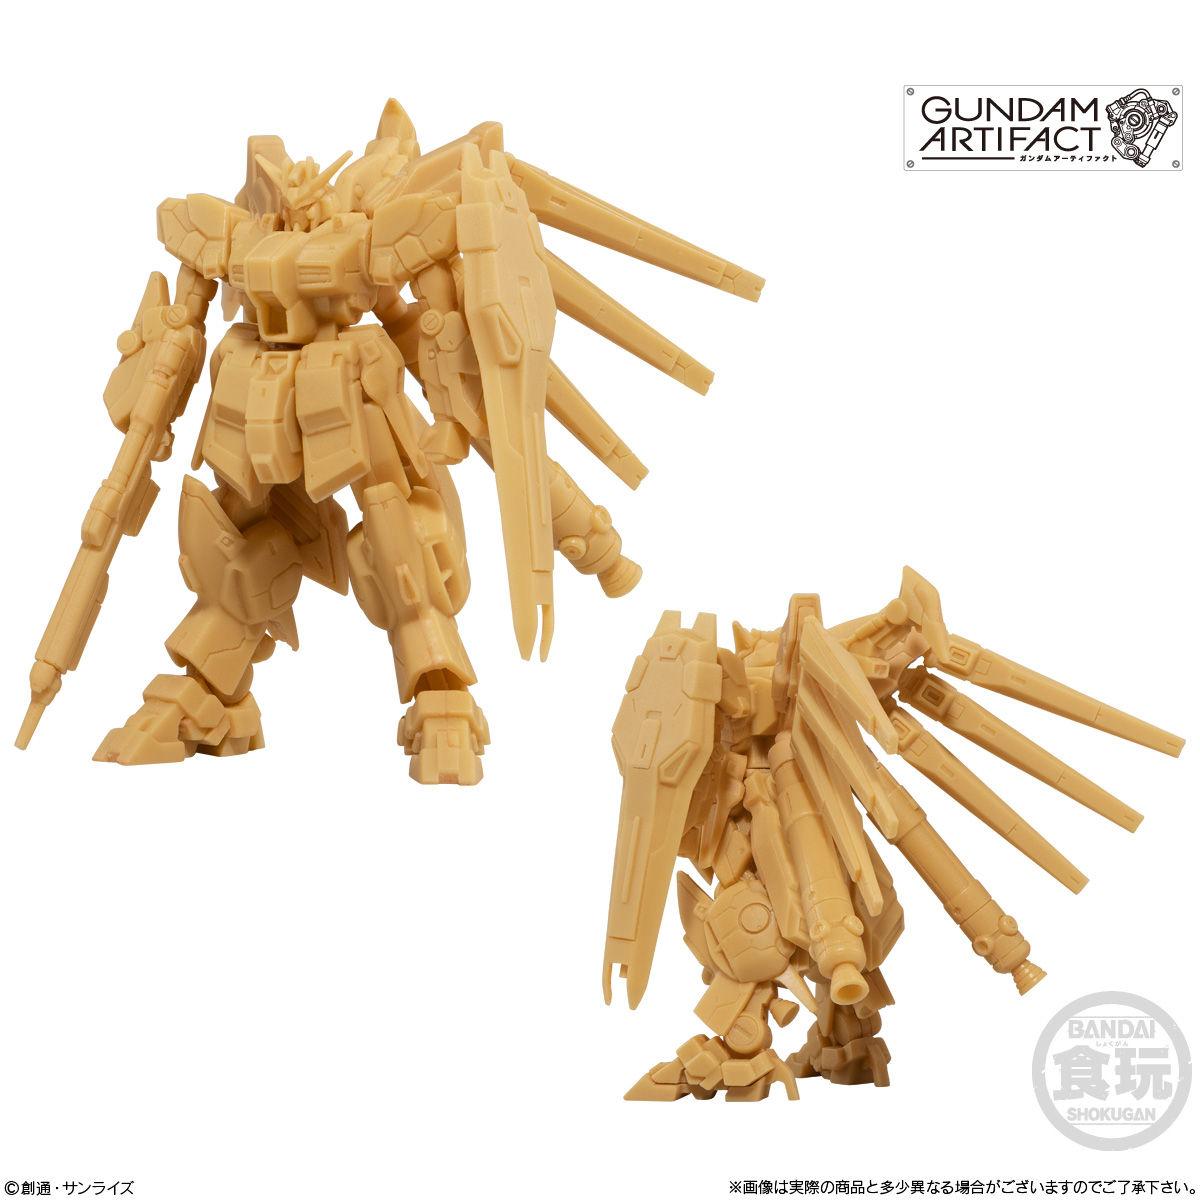 【食玩】機動戦士ガンダム『ガンダムアーティファクト』プラ製ミニキット 10個入りBOX-003